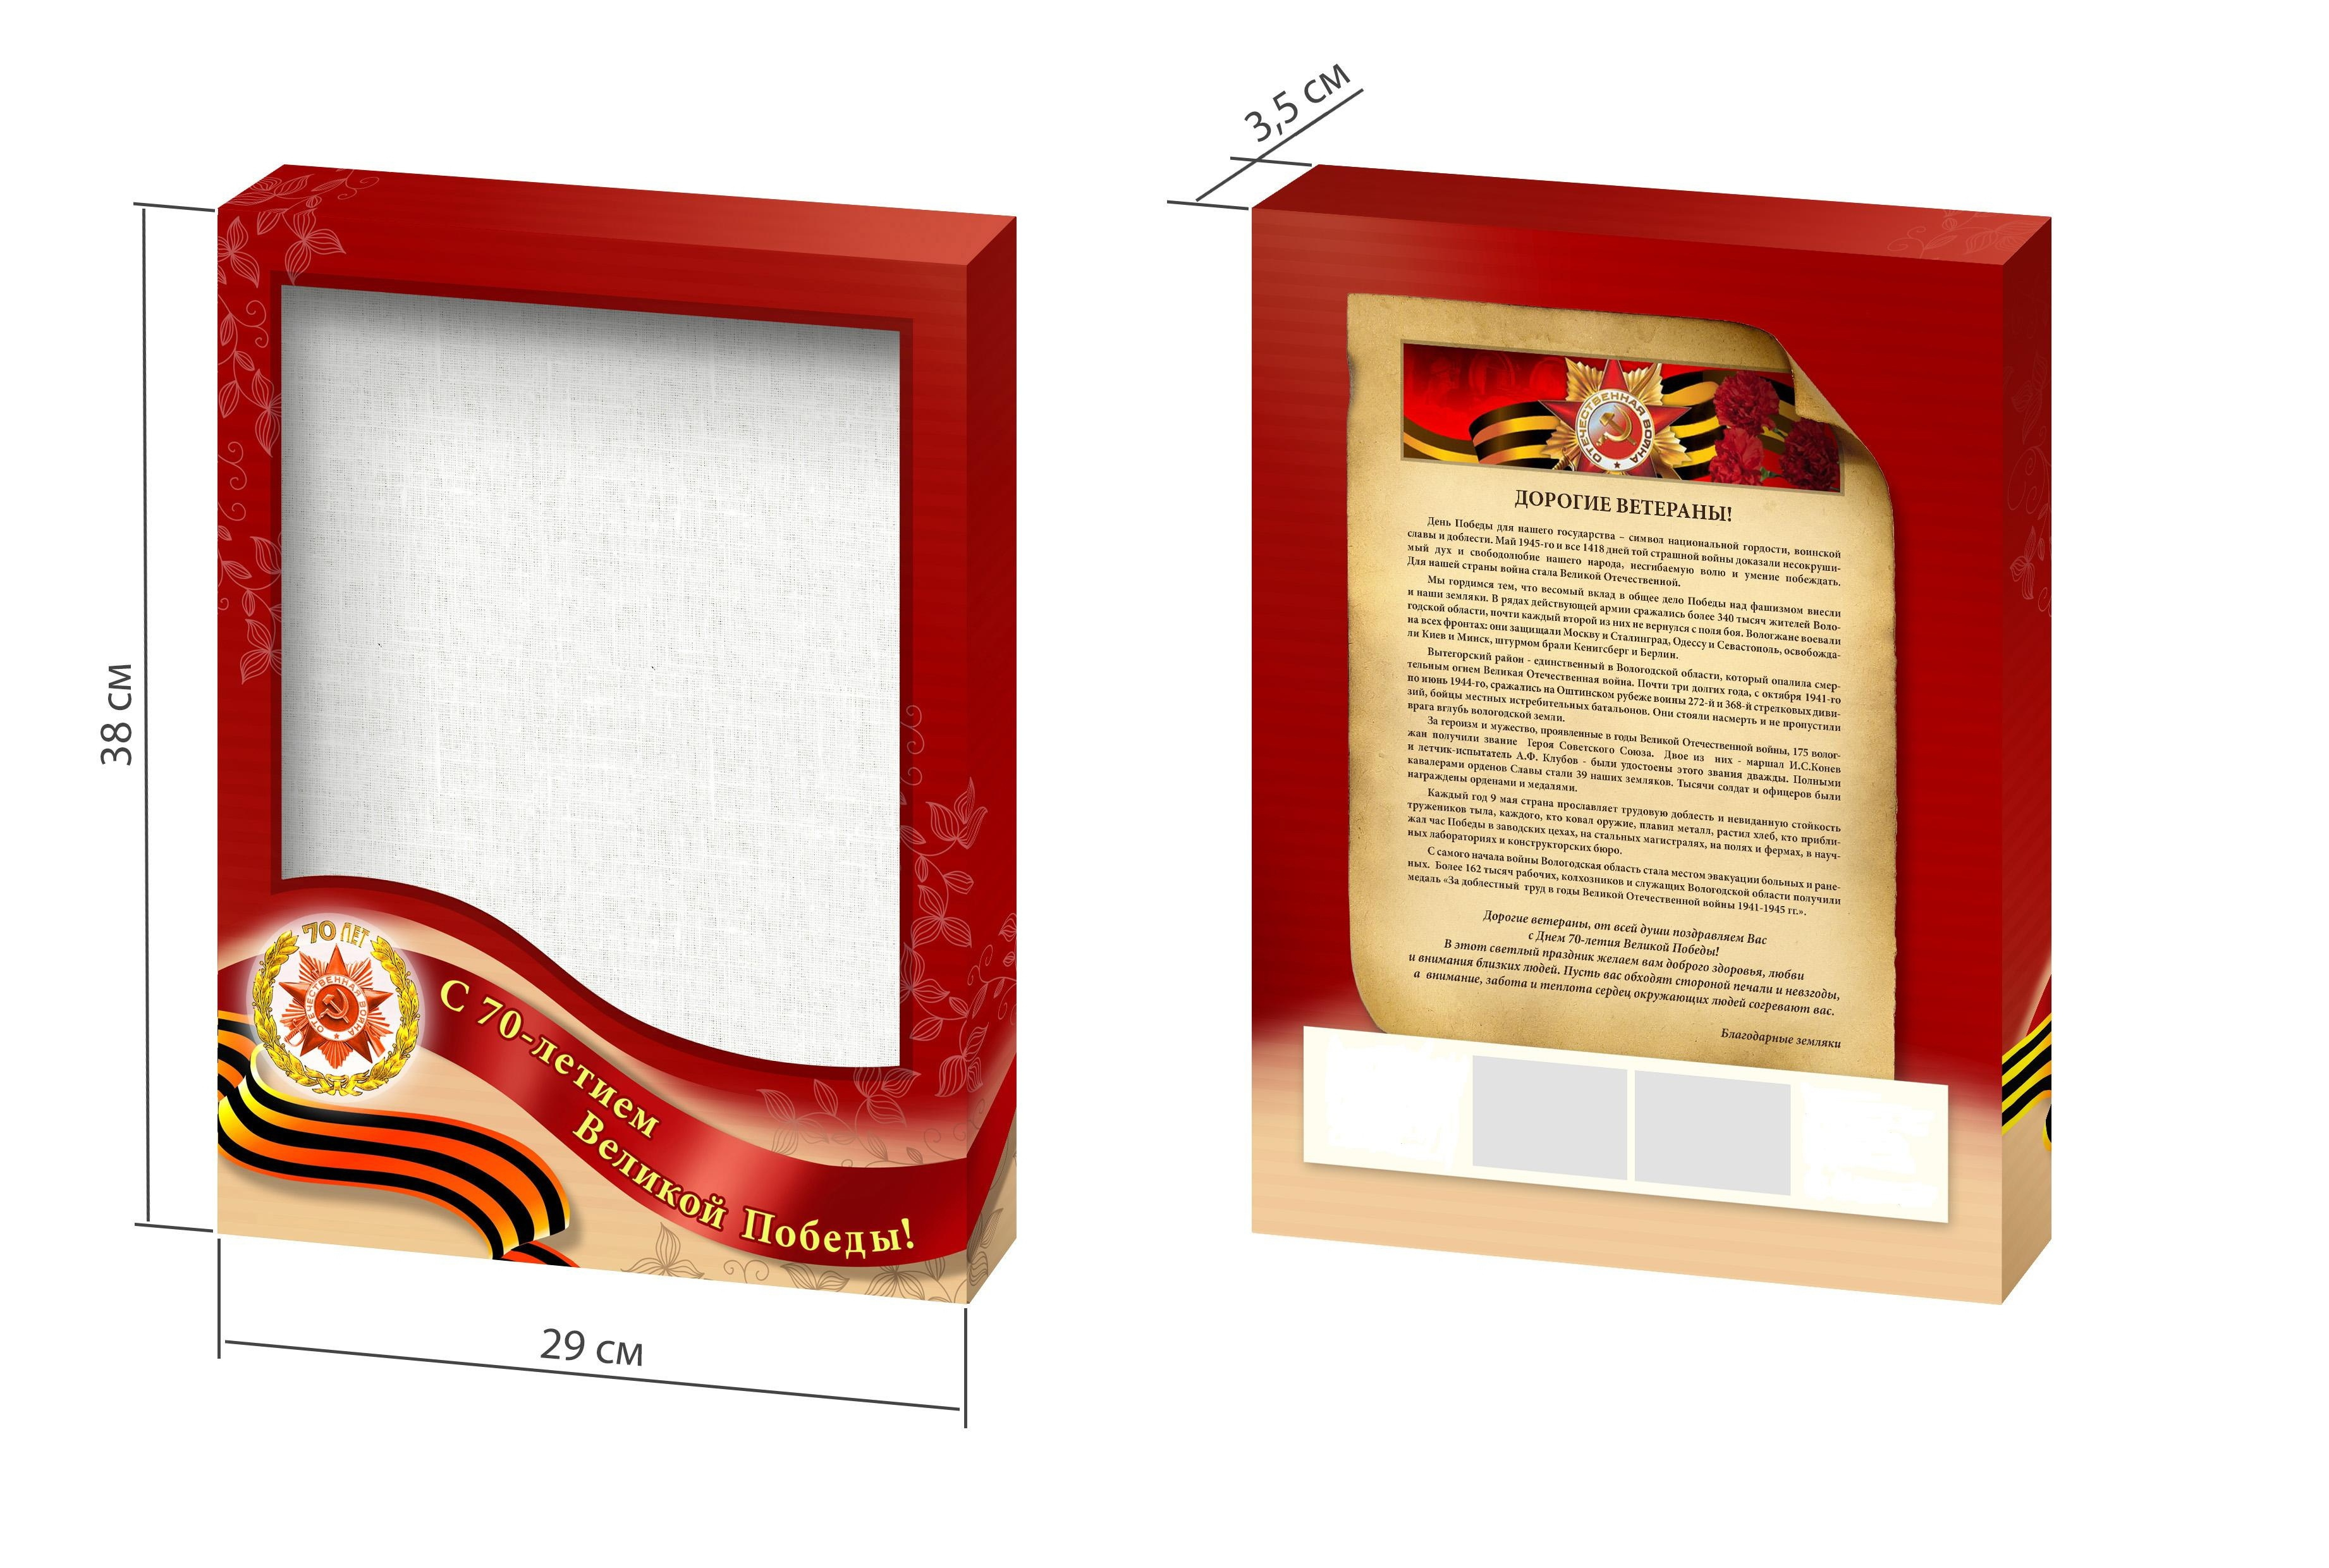 Салфетки и скатерть, по условиям конкурса, должны быть в подарочных коробках